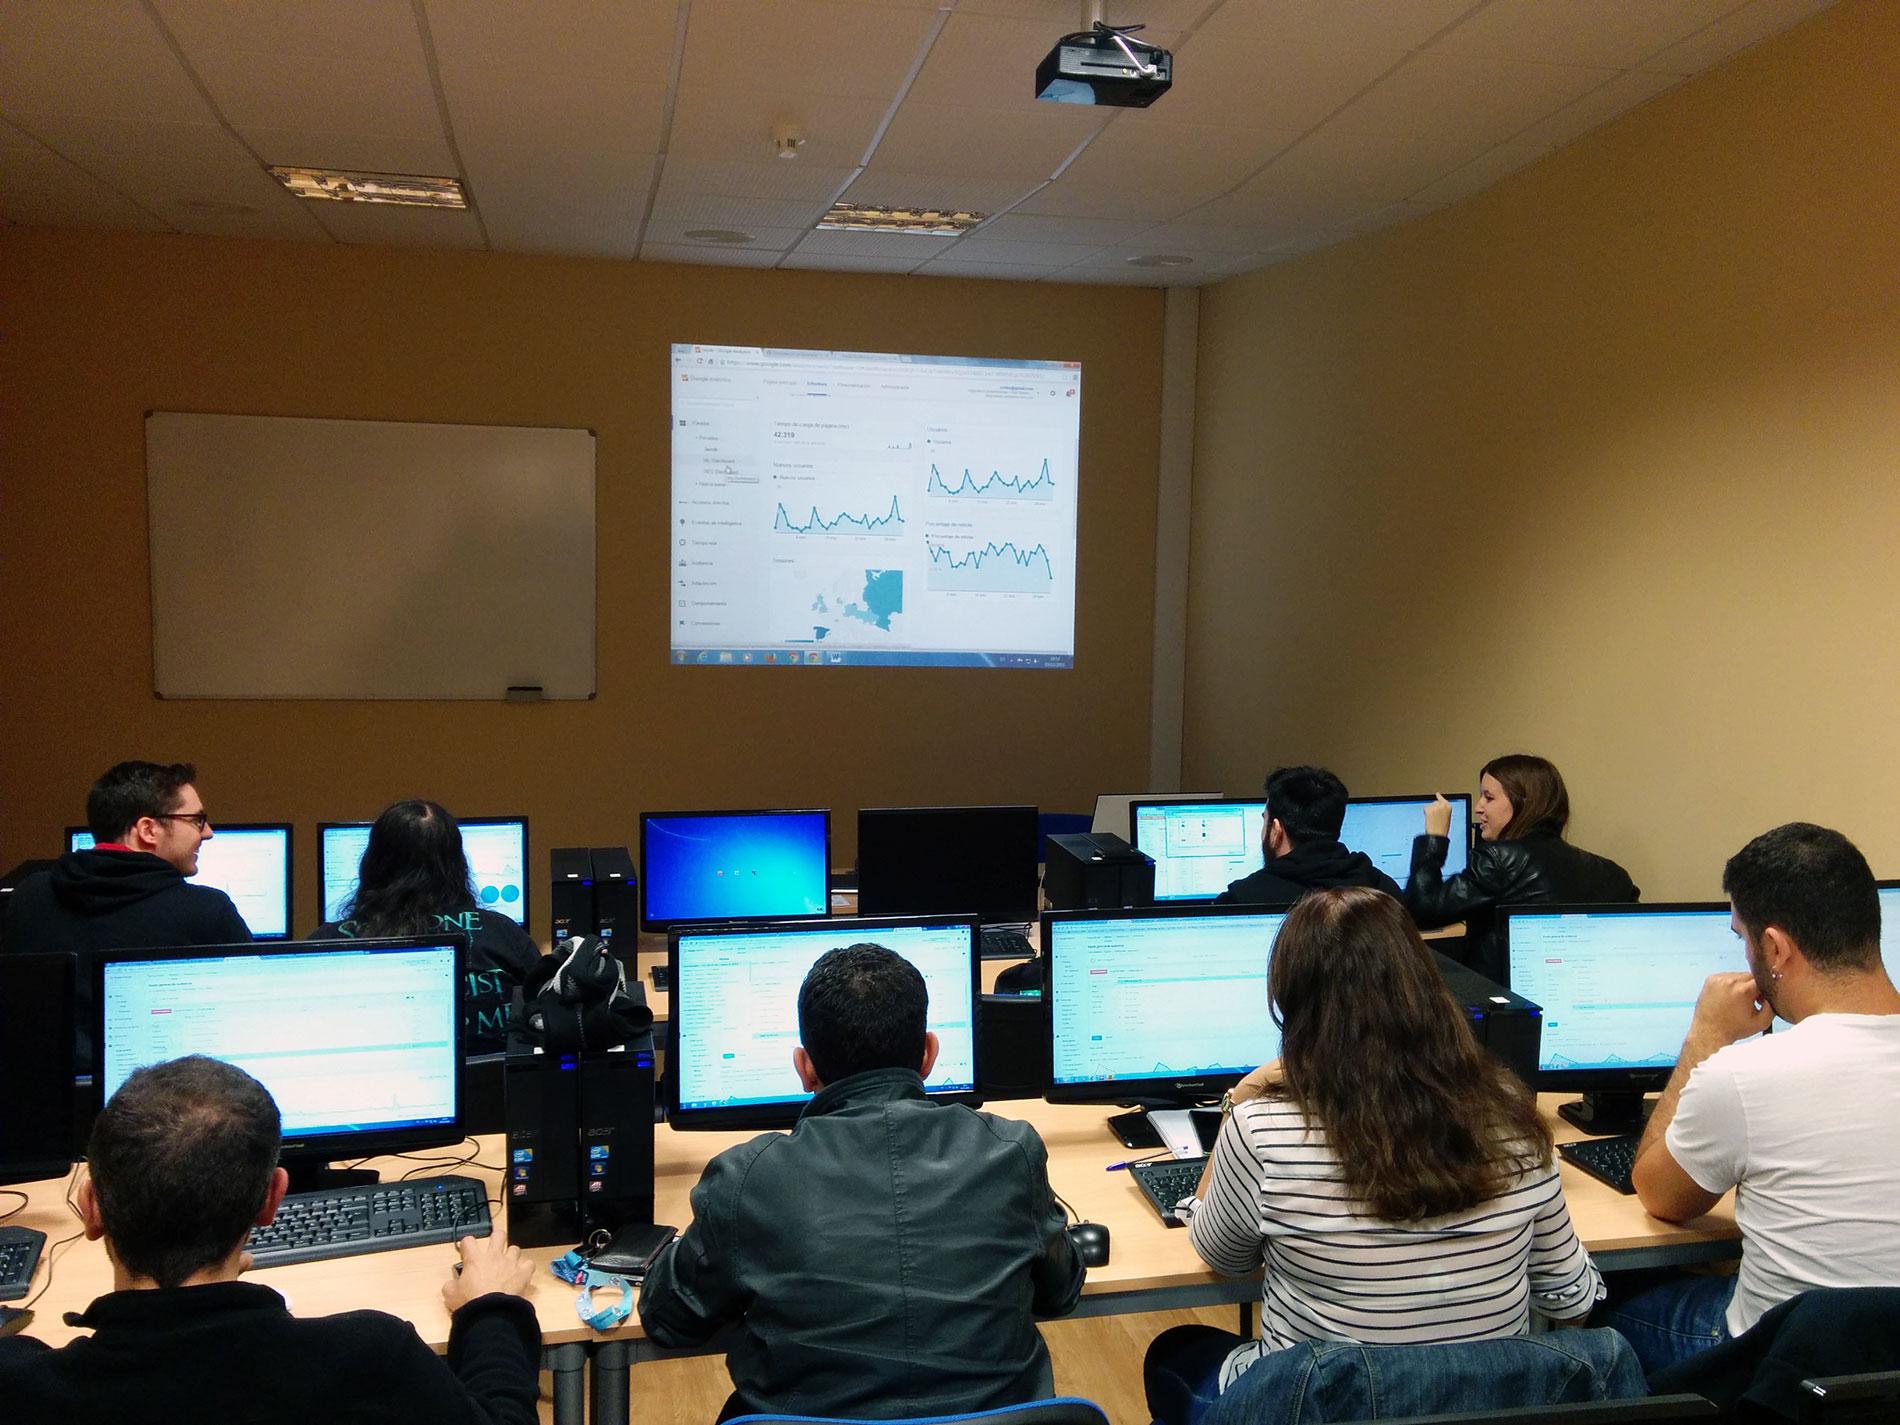 Curso de Analítica Digital en Tenerife ( Canarias ) - Aprende a medir una web con Google Analytics